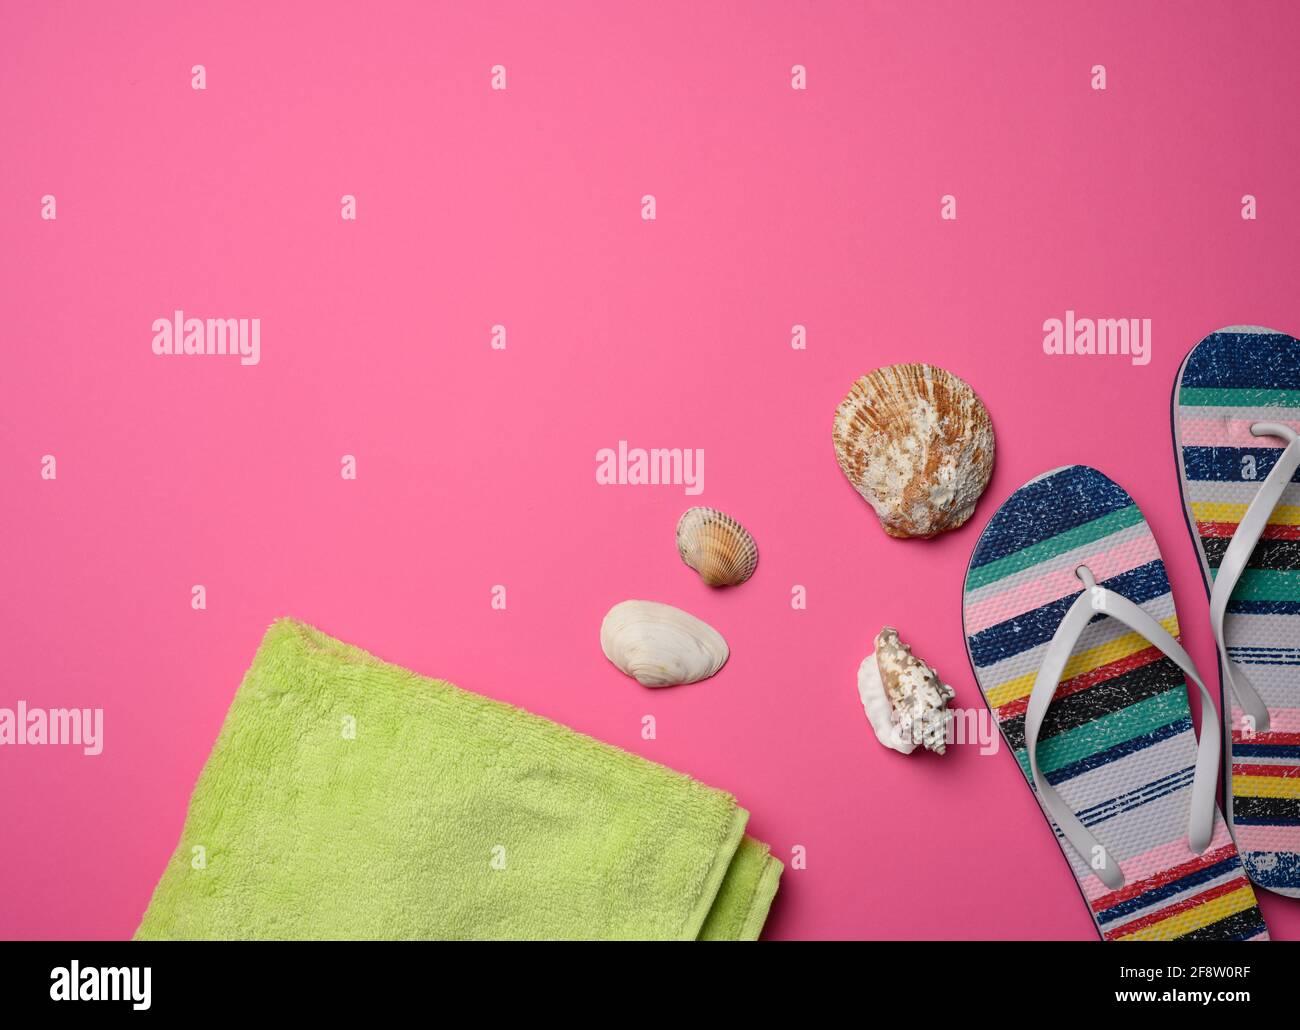 pantoufles multicolores pour femmes et seashell sur fond rose, vue du dessus Banque D'Images